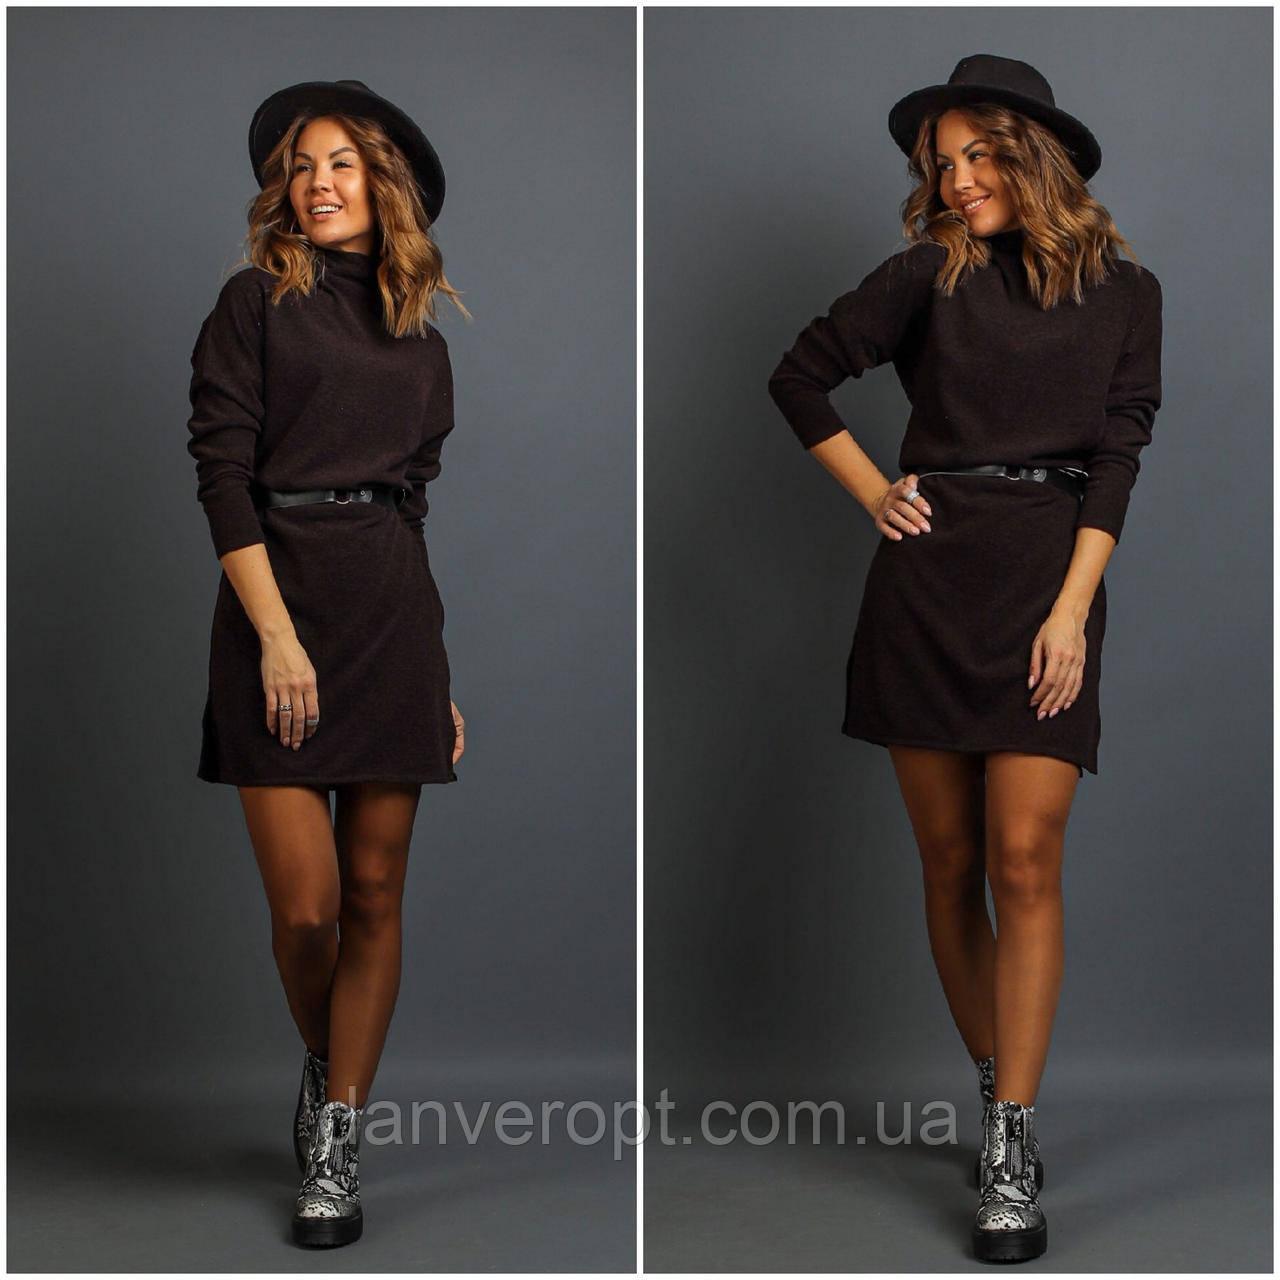 Сукня жіноча модна з поясом розмір 42-52 купити оптом зі складу 7км Одеса